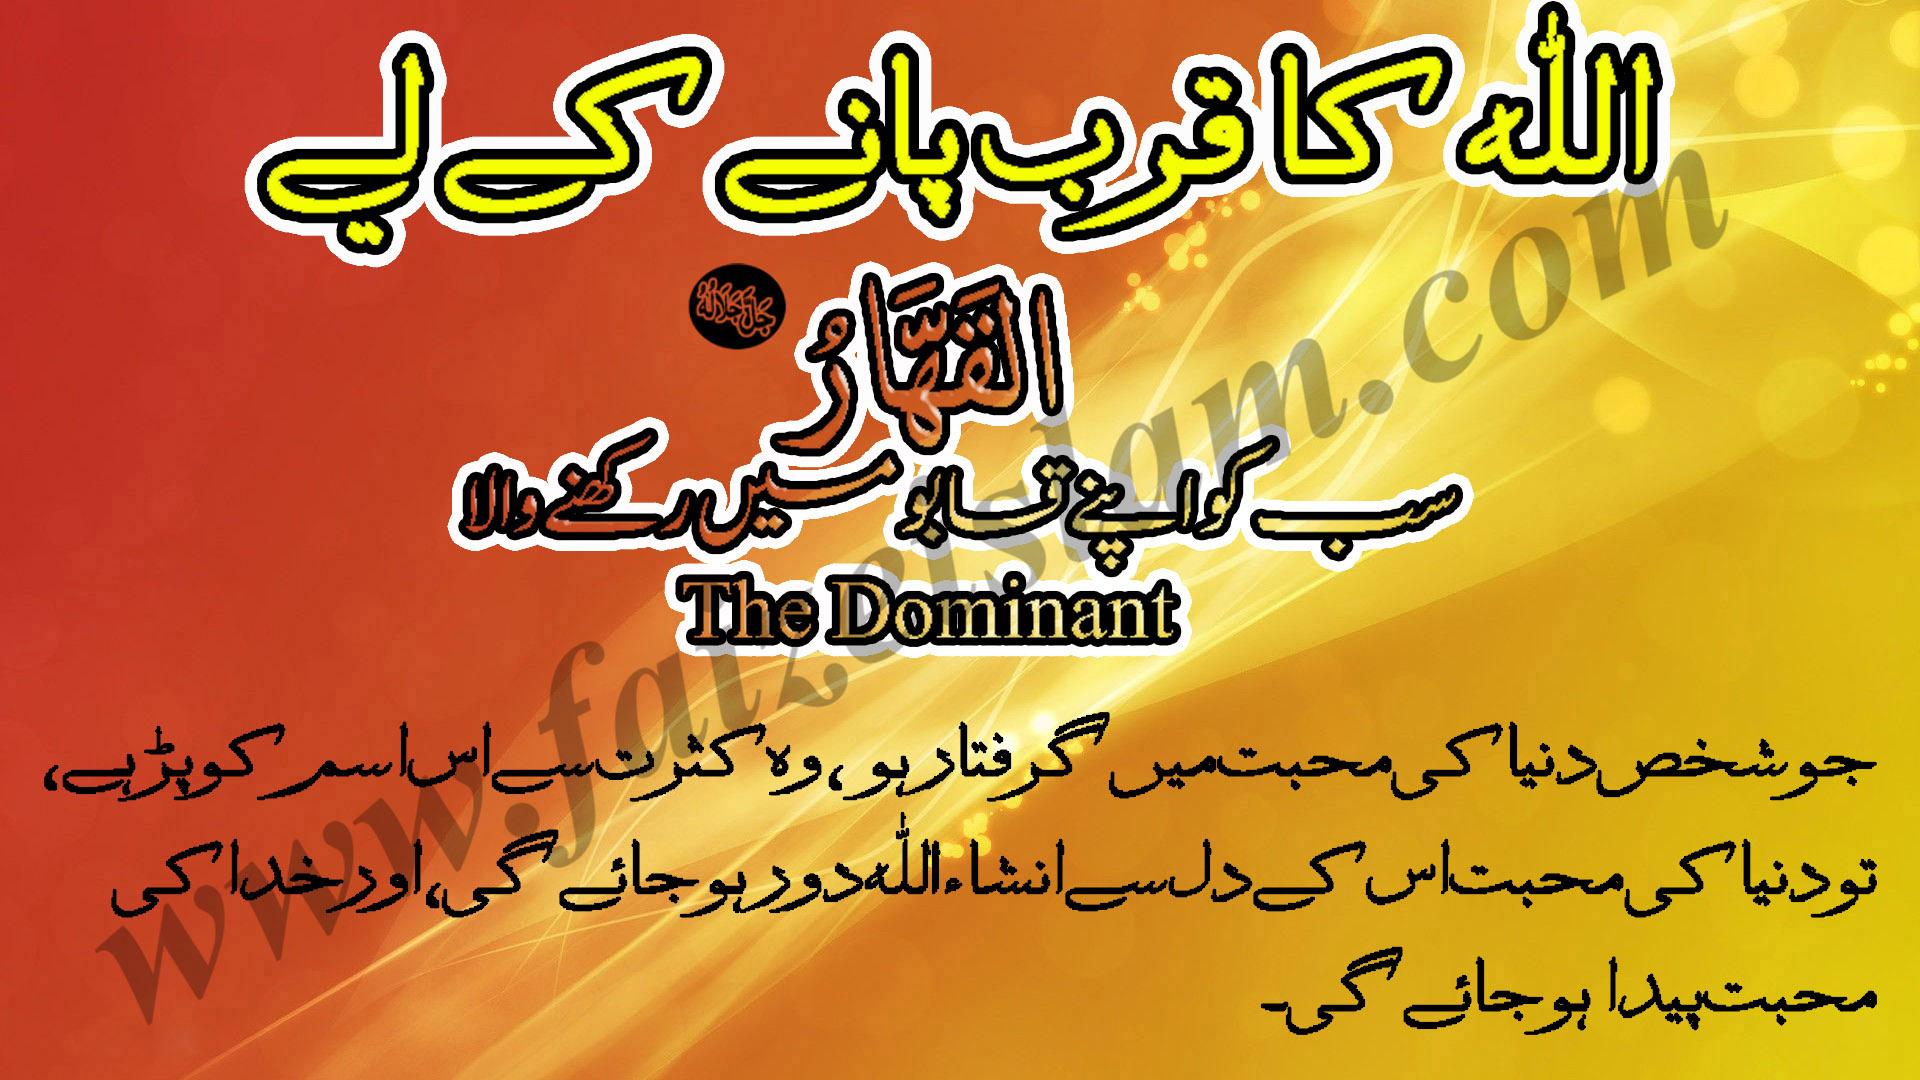 Photo of Allah Ka Qurb Pane Liye Wazaif In Urdu